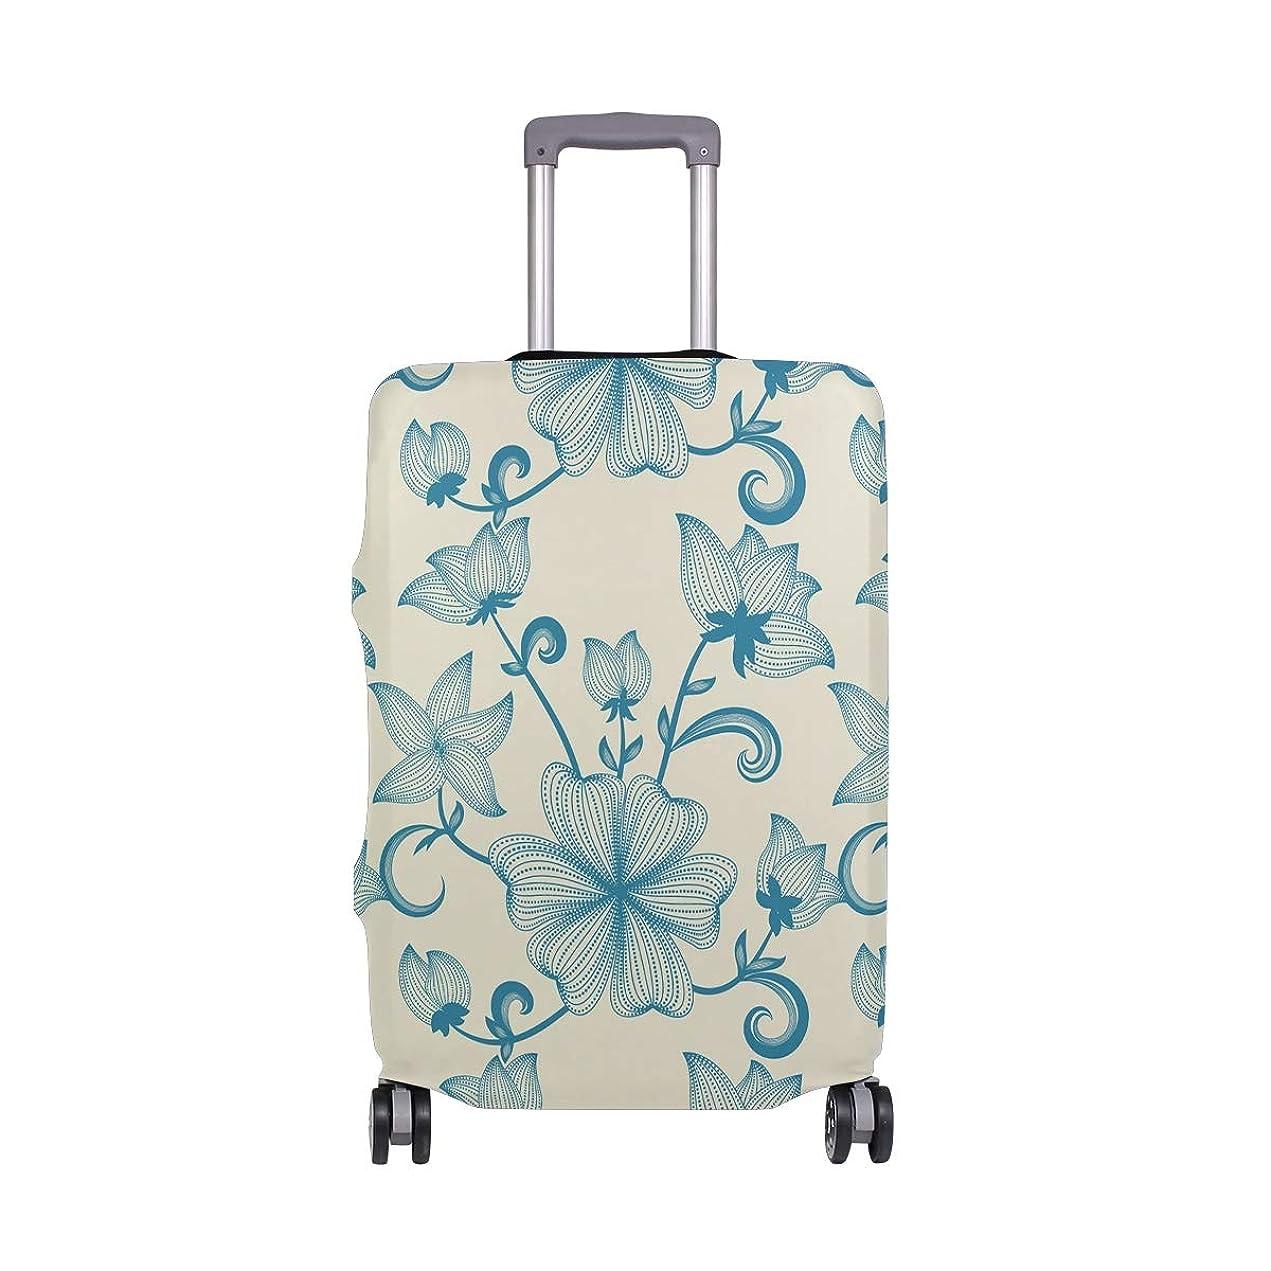 影響力のあるしてはいけません主権者スーツケースカバー 荷物カバー 花柄 デザイン 伸縮素材 ラゲッジカバー 防塵 擦り傷防止 トラベルアクセサリ 旅行